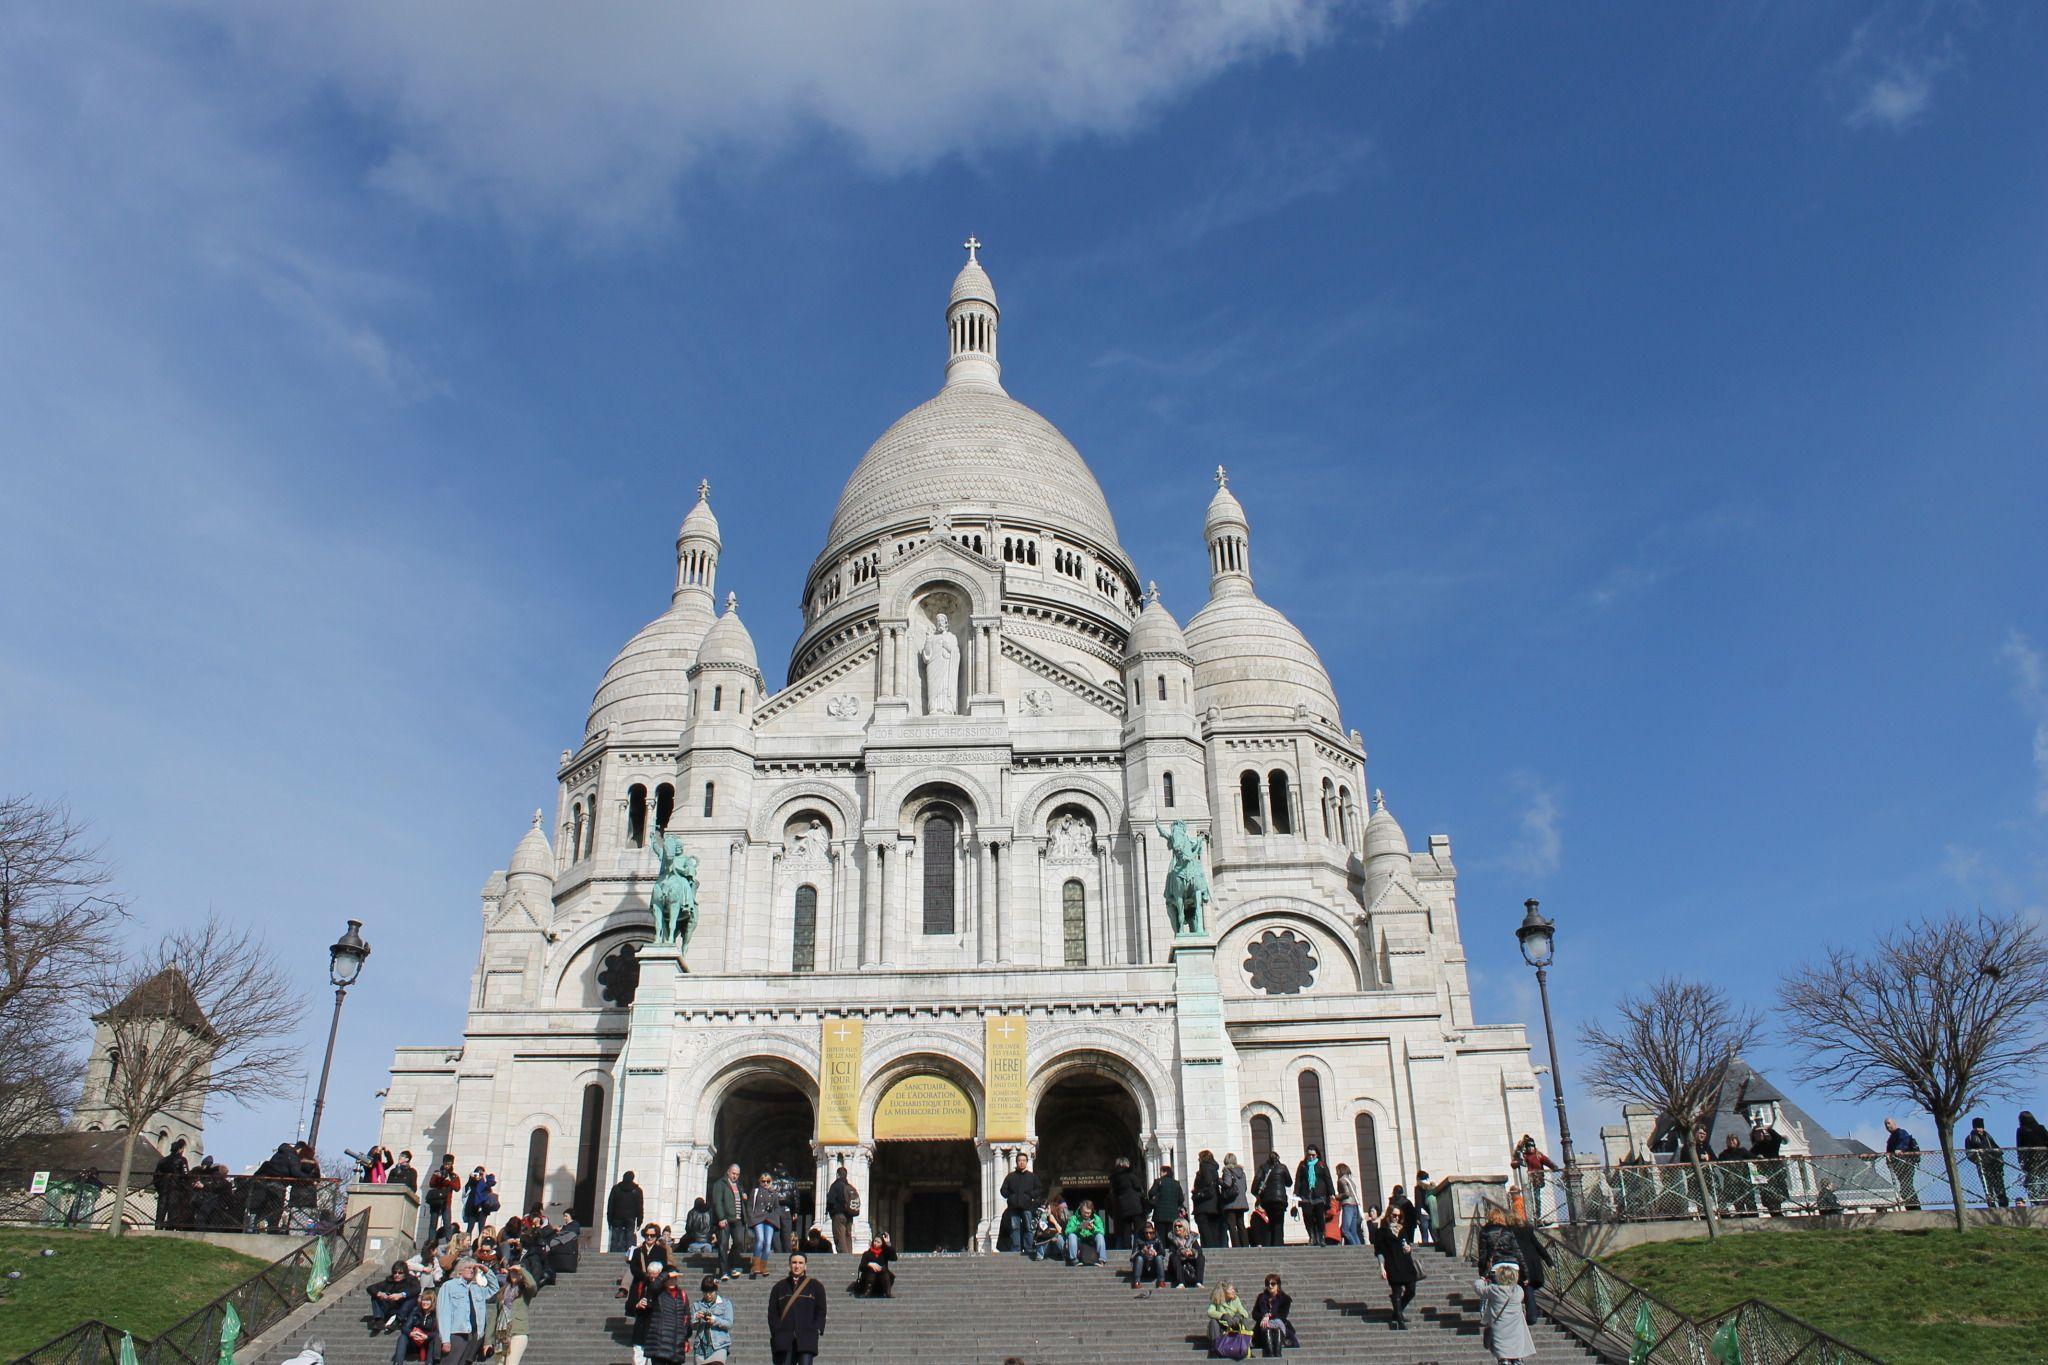 La catedral de Montmartre   Es famosa ya que ahí vivió el primer obispo de París, el cual fue decapitado por su gran creencia y fe.